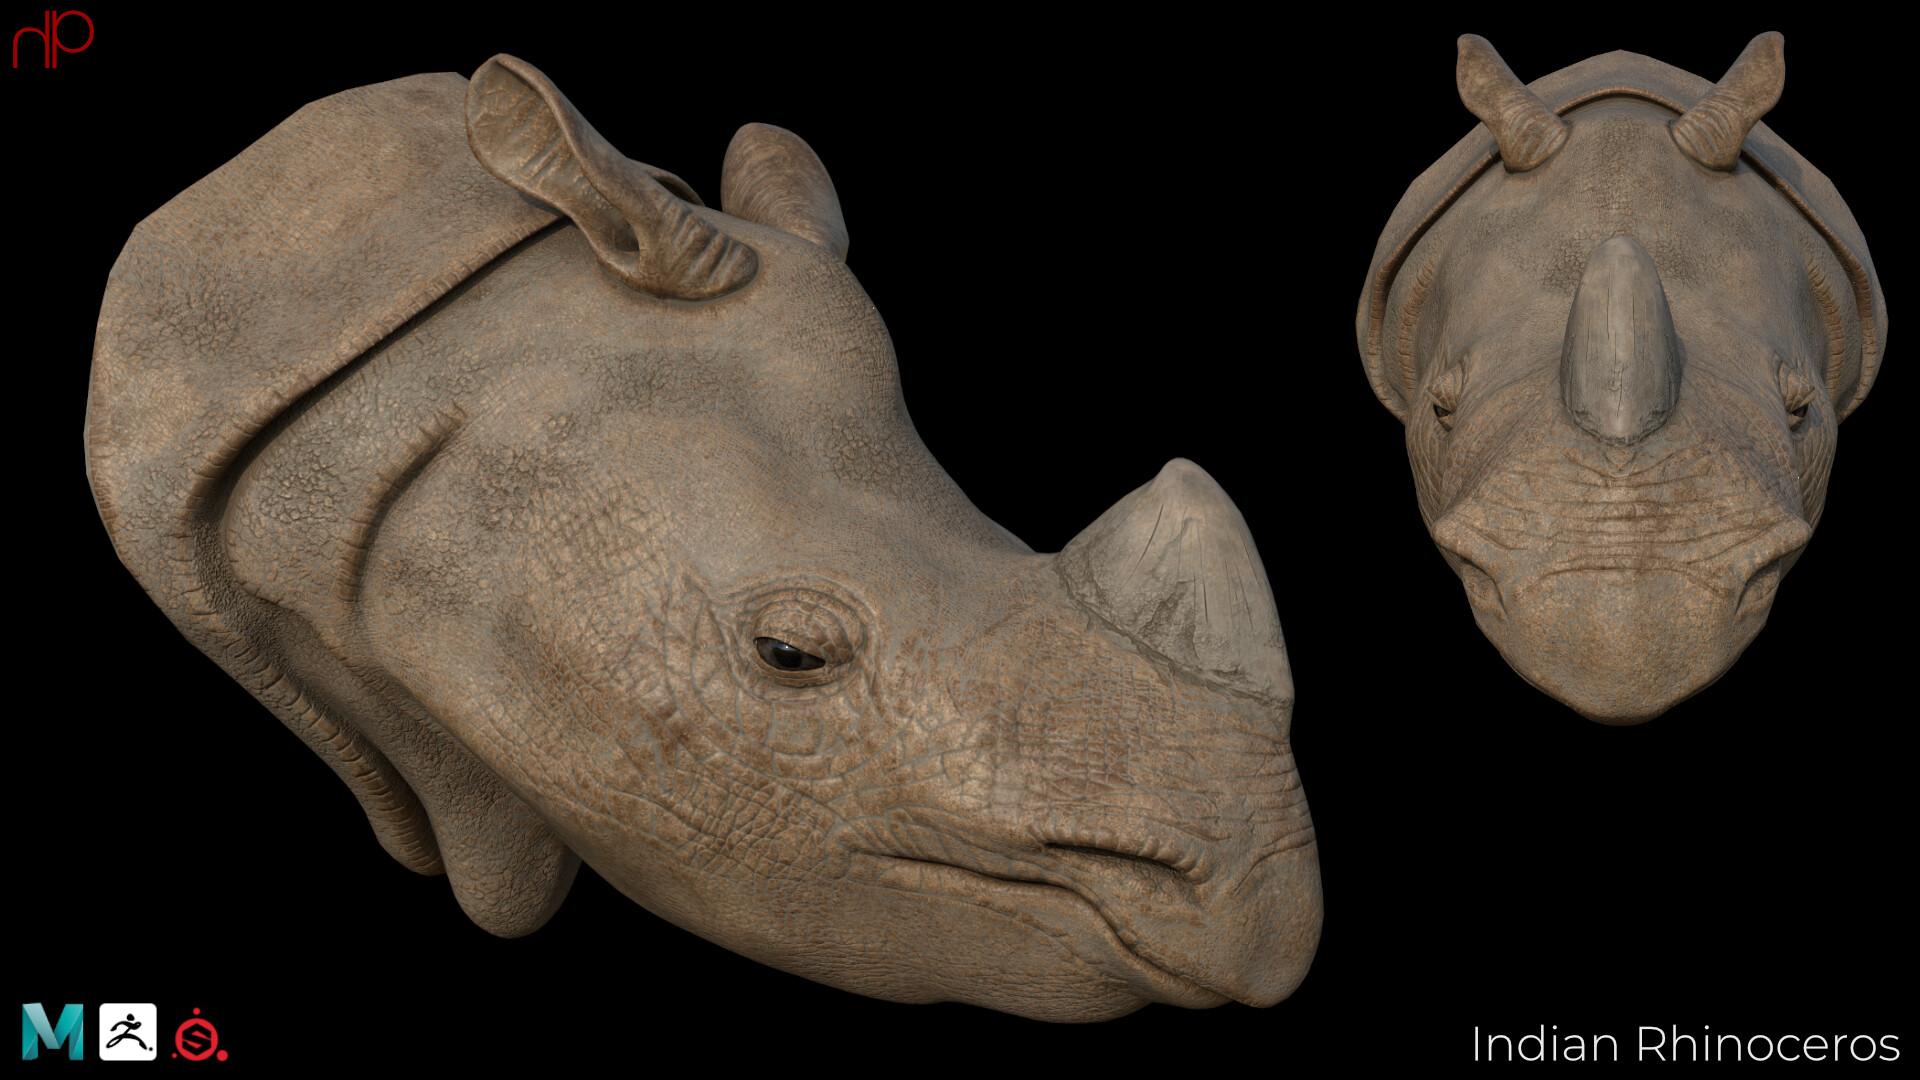 Hans palacios hanspalacios rhino 01